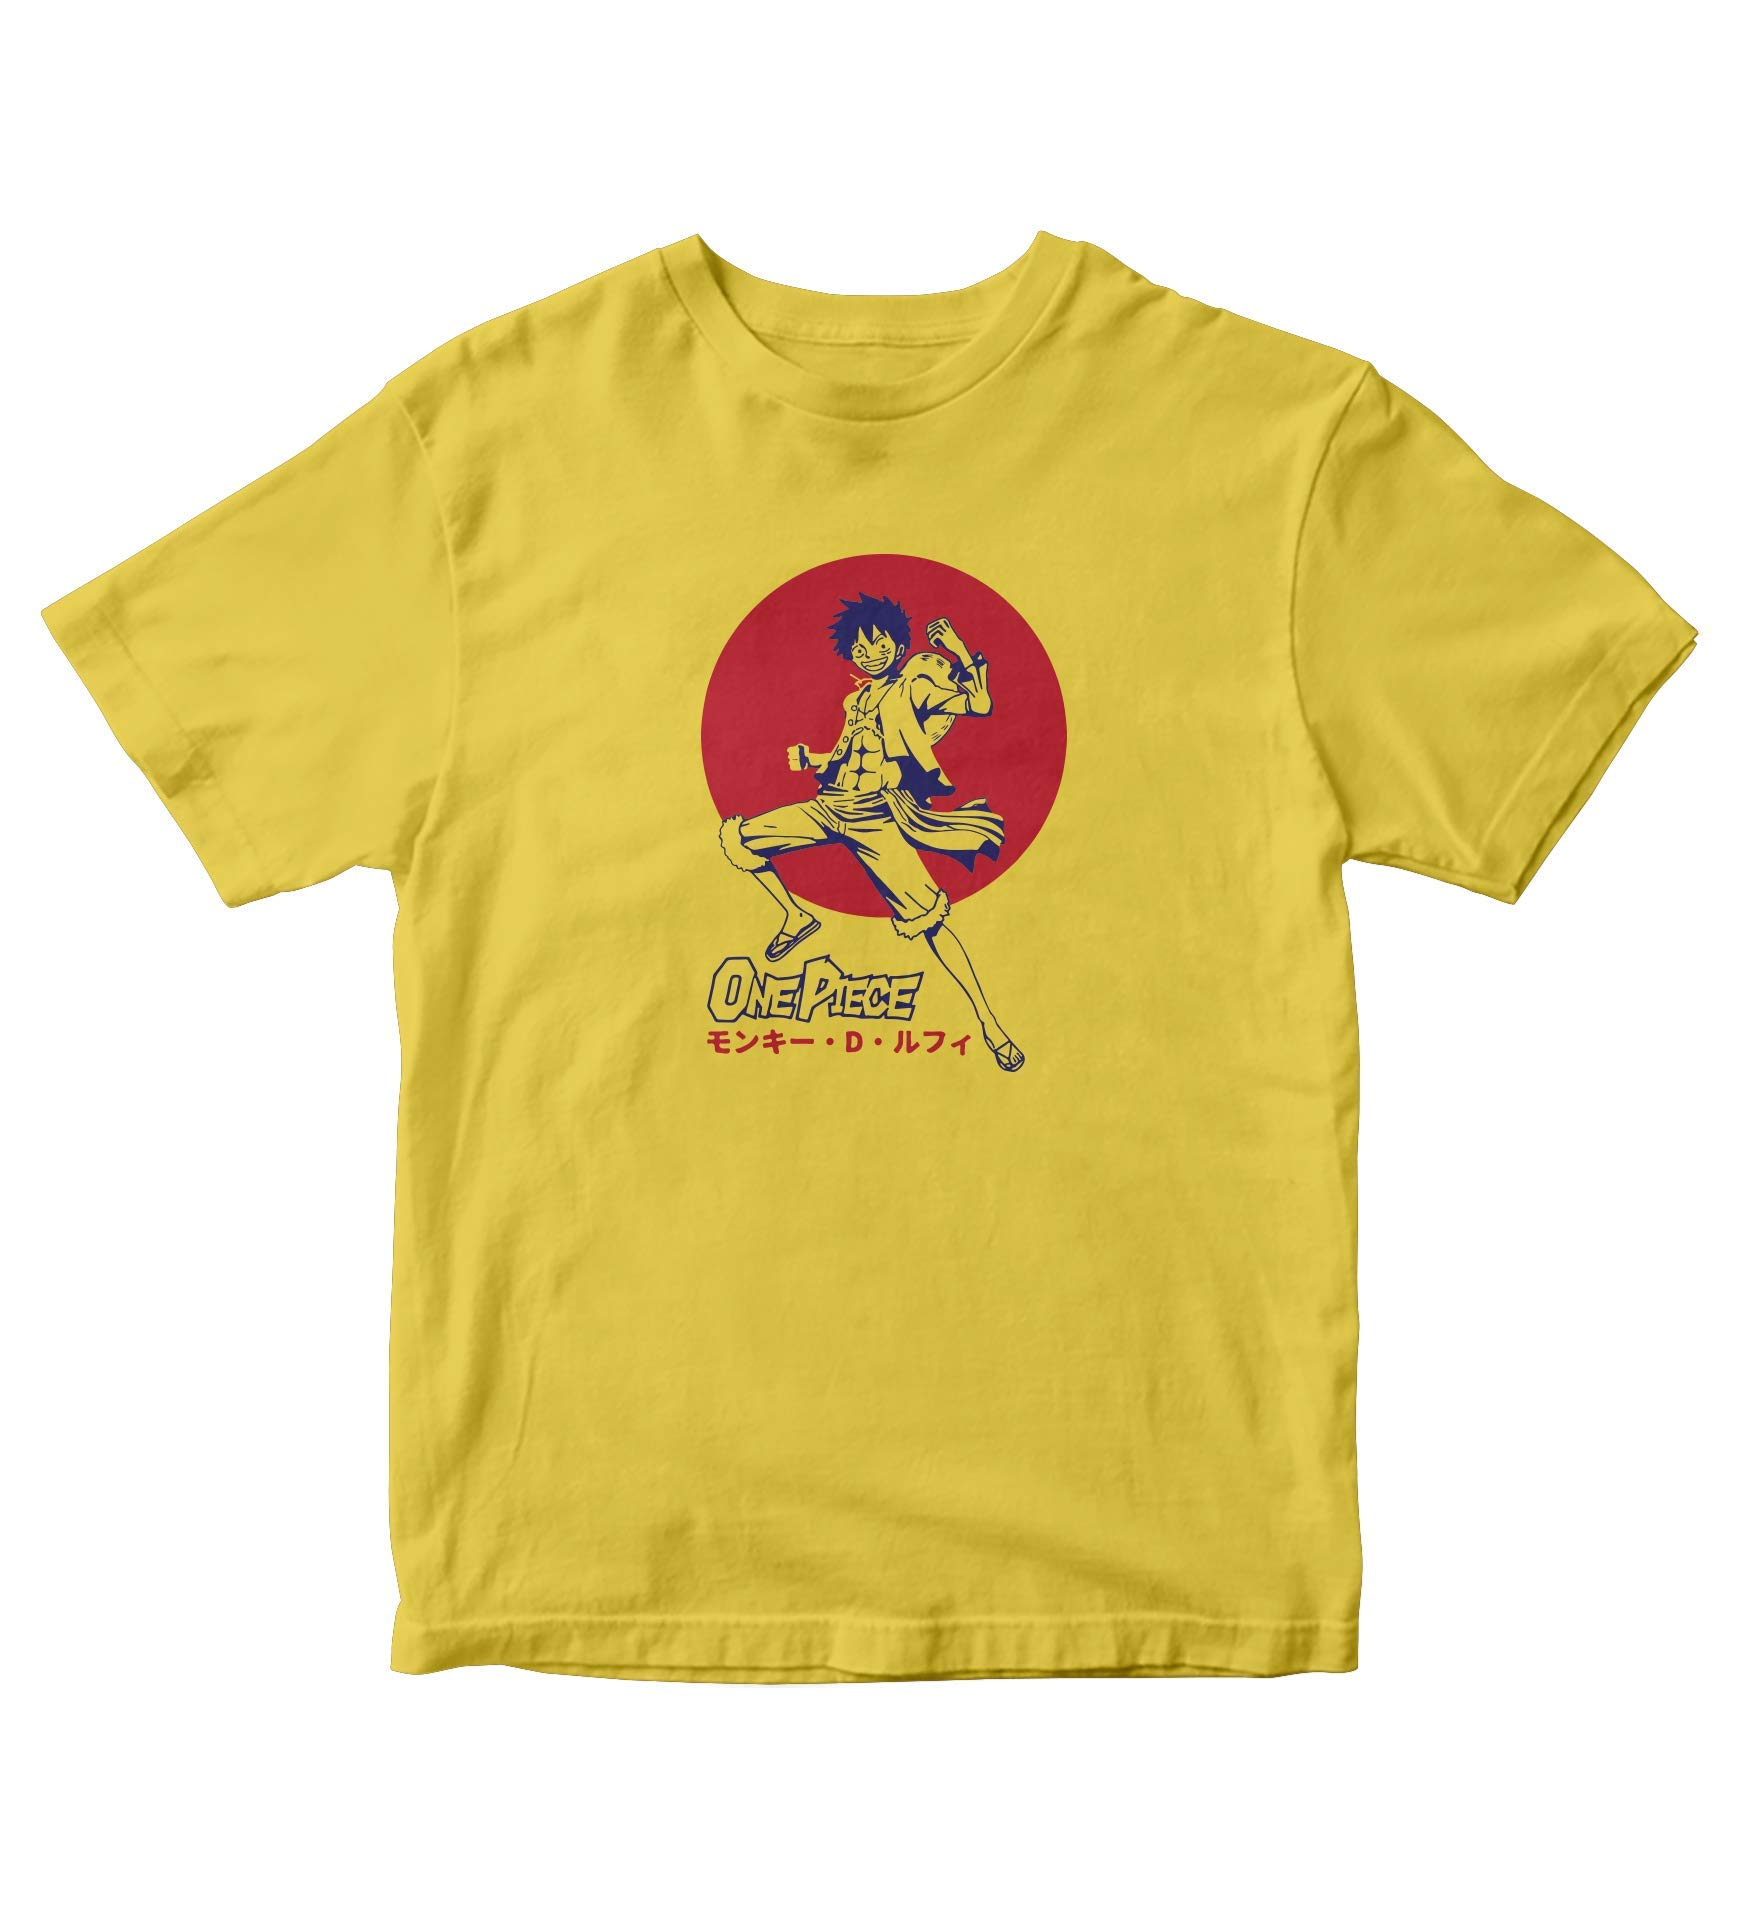 Tjsports One Piece Shirt Monkey D Luffy Yellow Shirt Anime Manga S A728